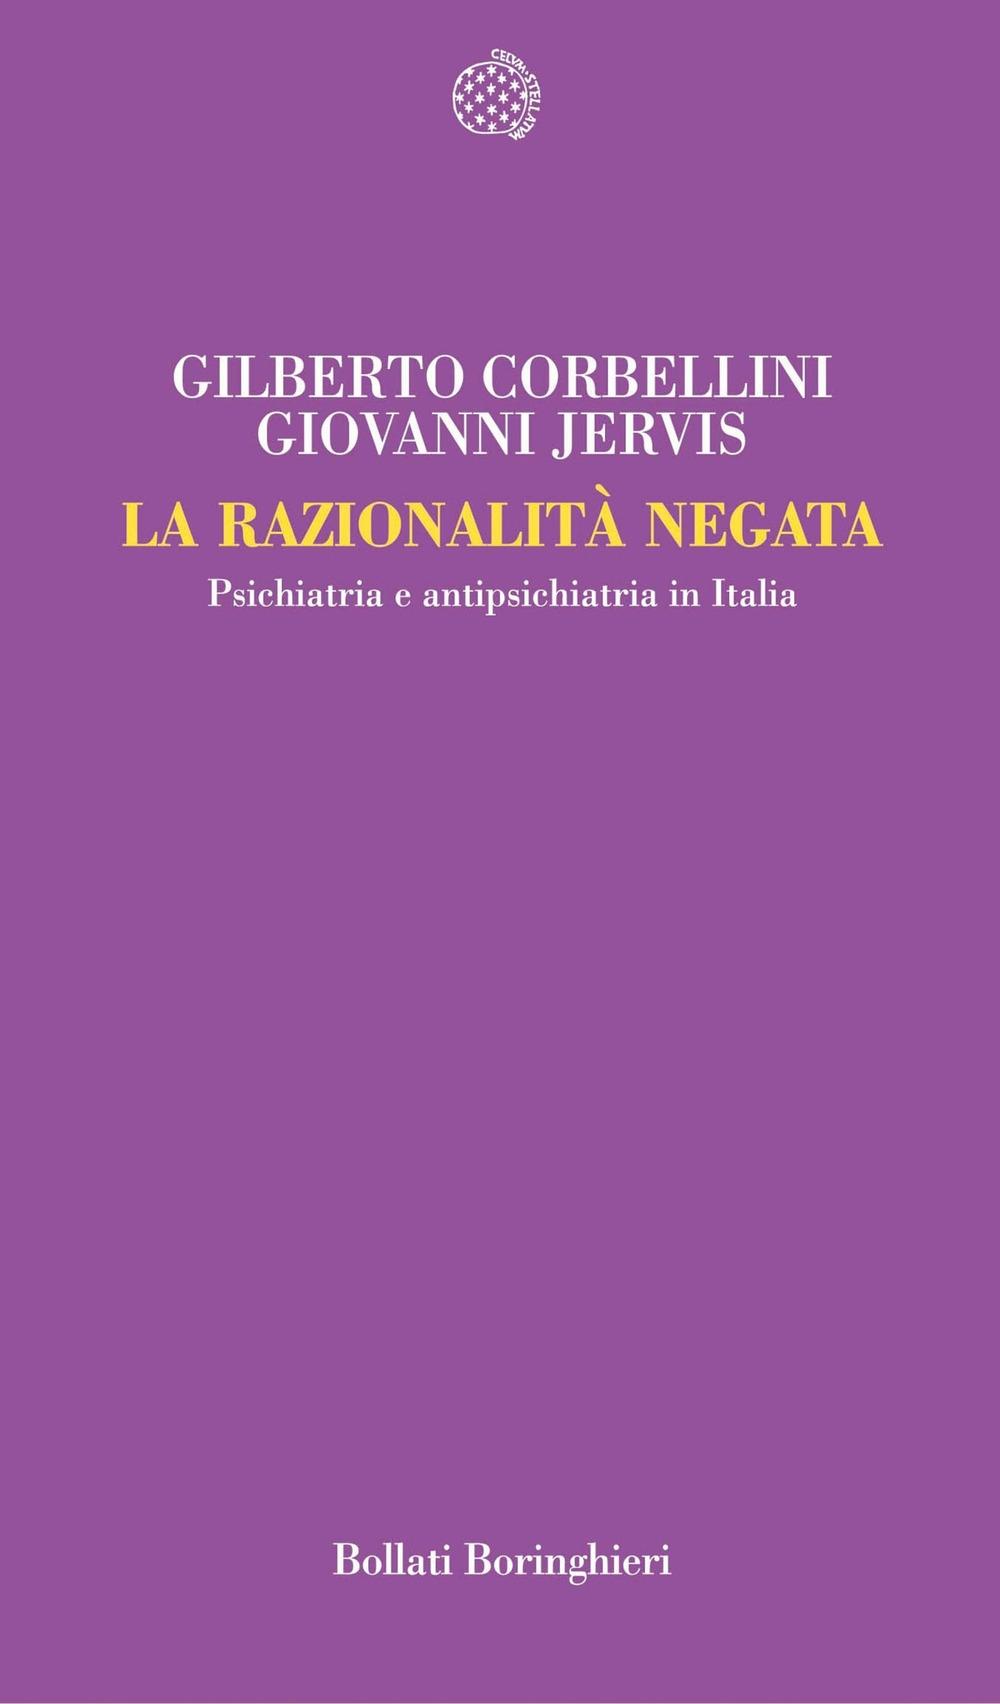 La razionalità negata. Psichiatria e antipsichiatria in Italia.